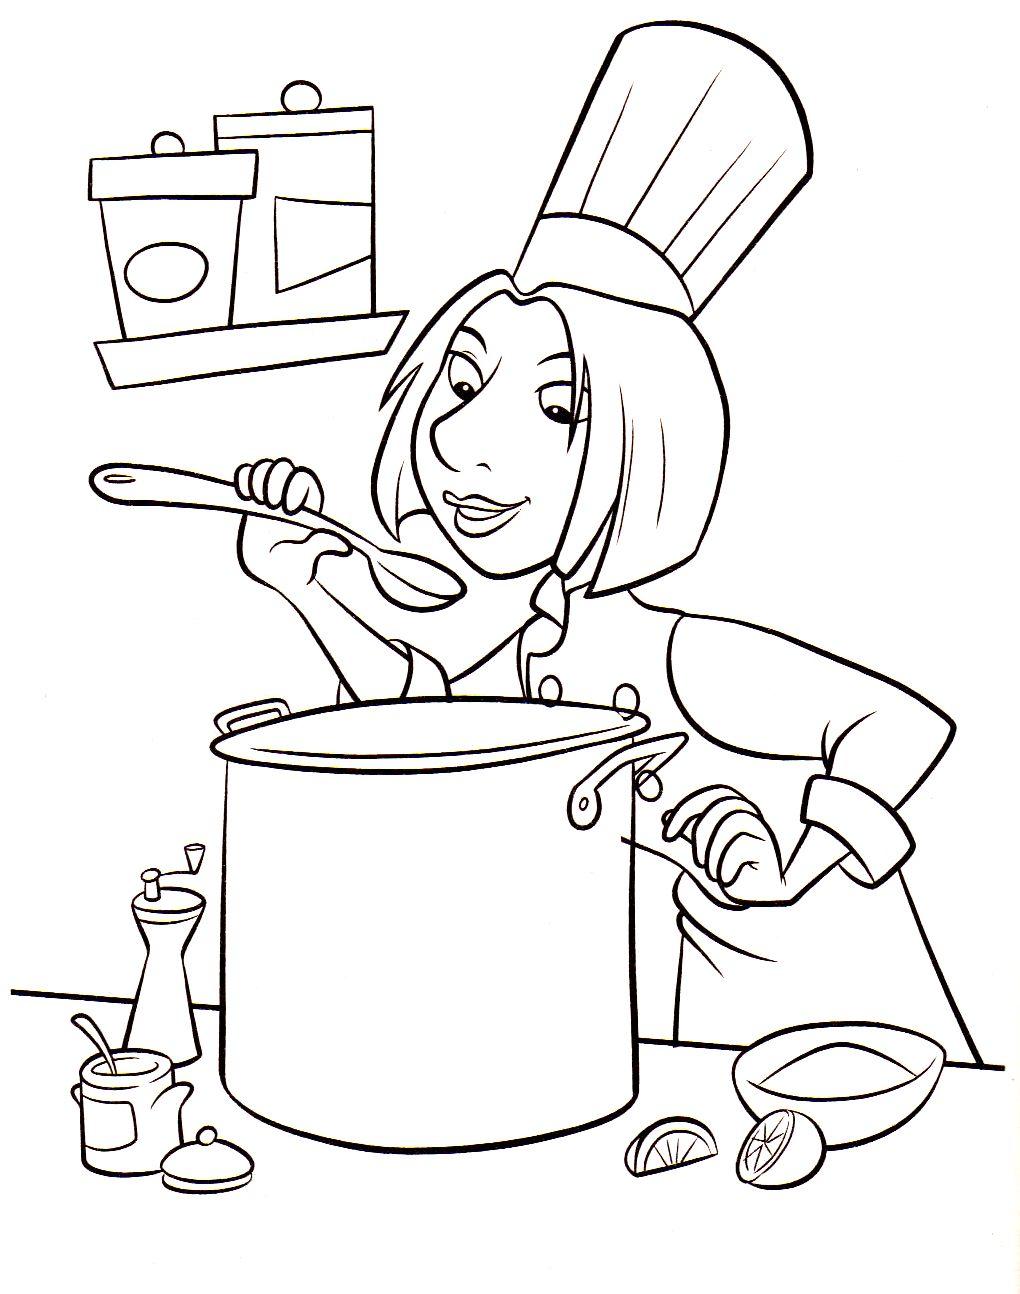 79 dessins de coloriage cuisine imprimer sur page 1. Black Bedroom Furniture Sets. Home Design Ideas